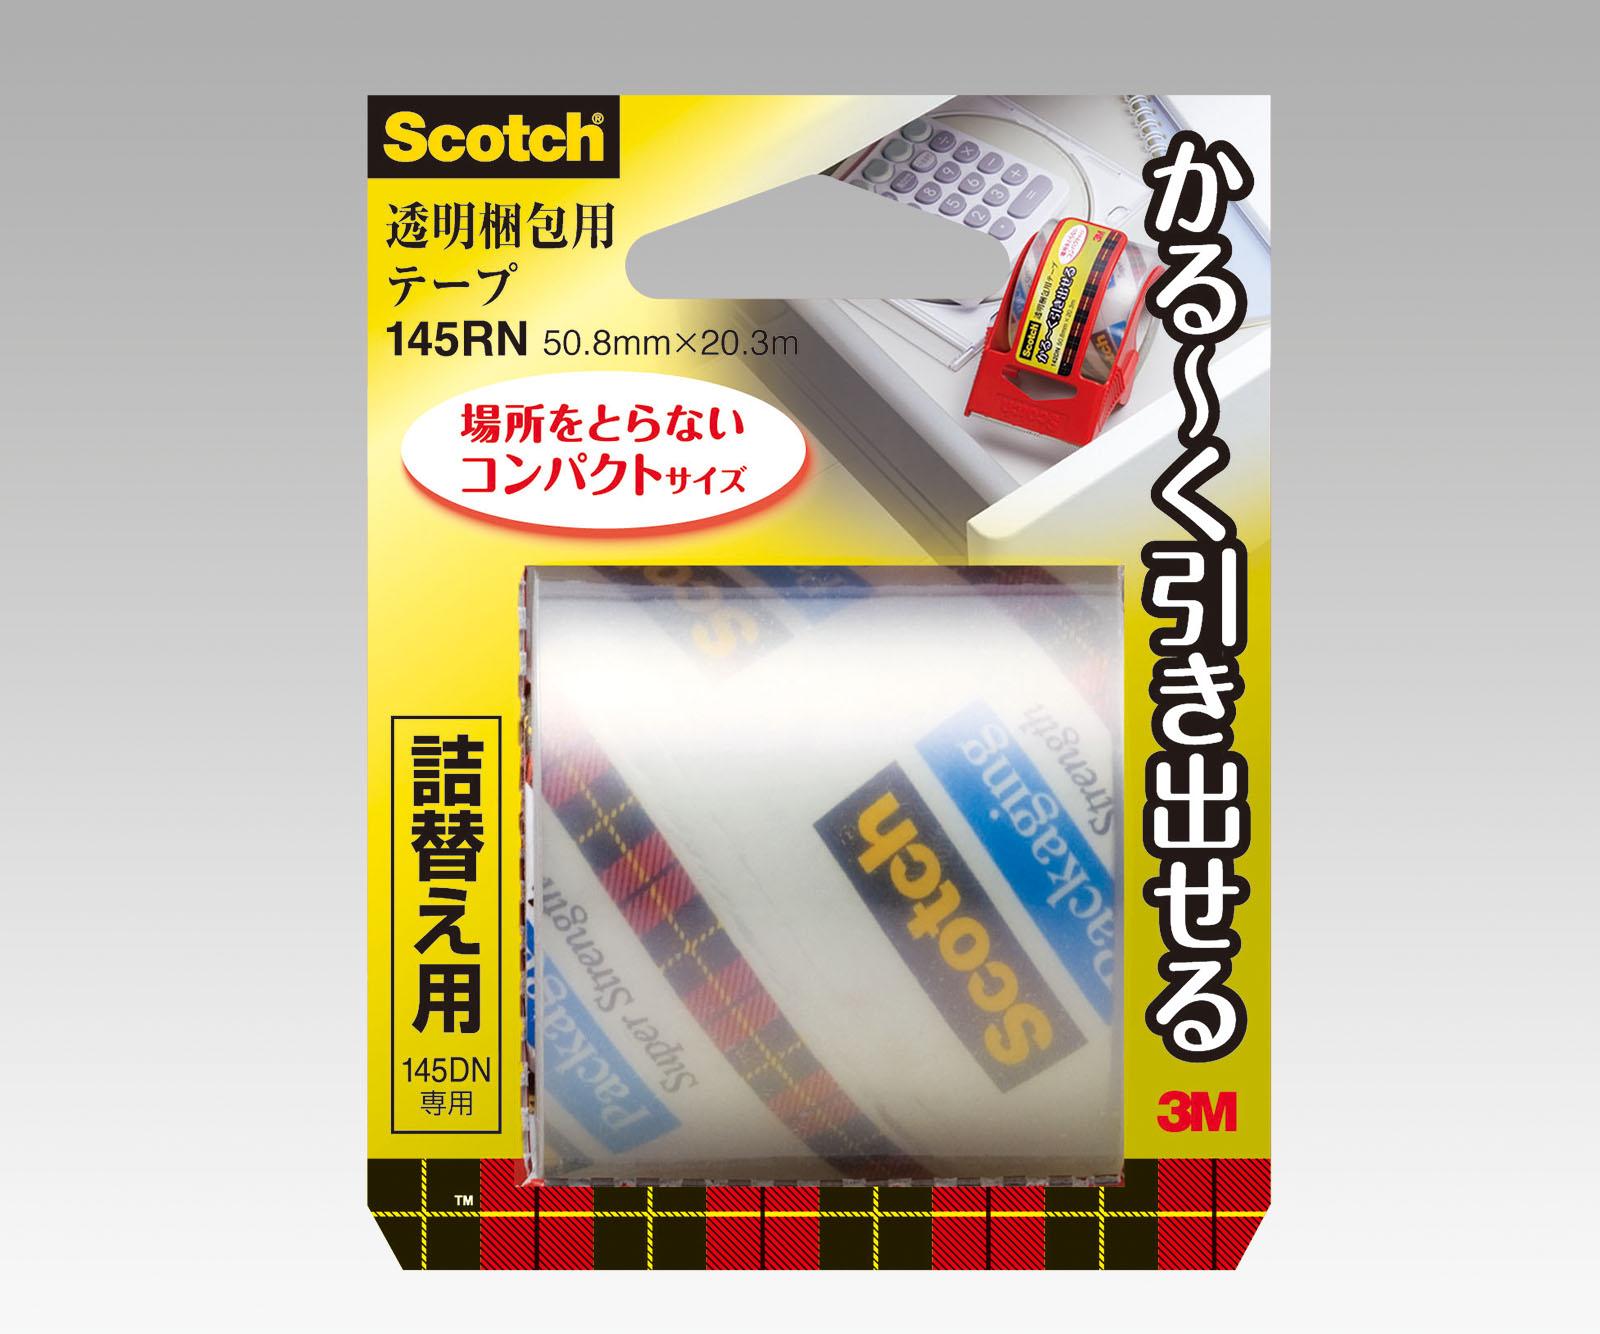 スコッチ静音テープ 替テープ 145RN